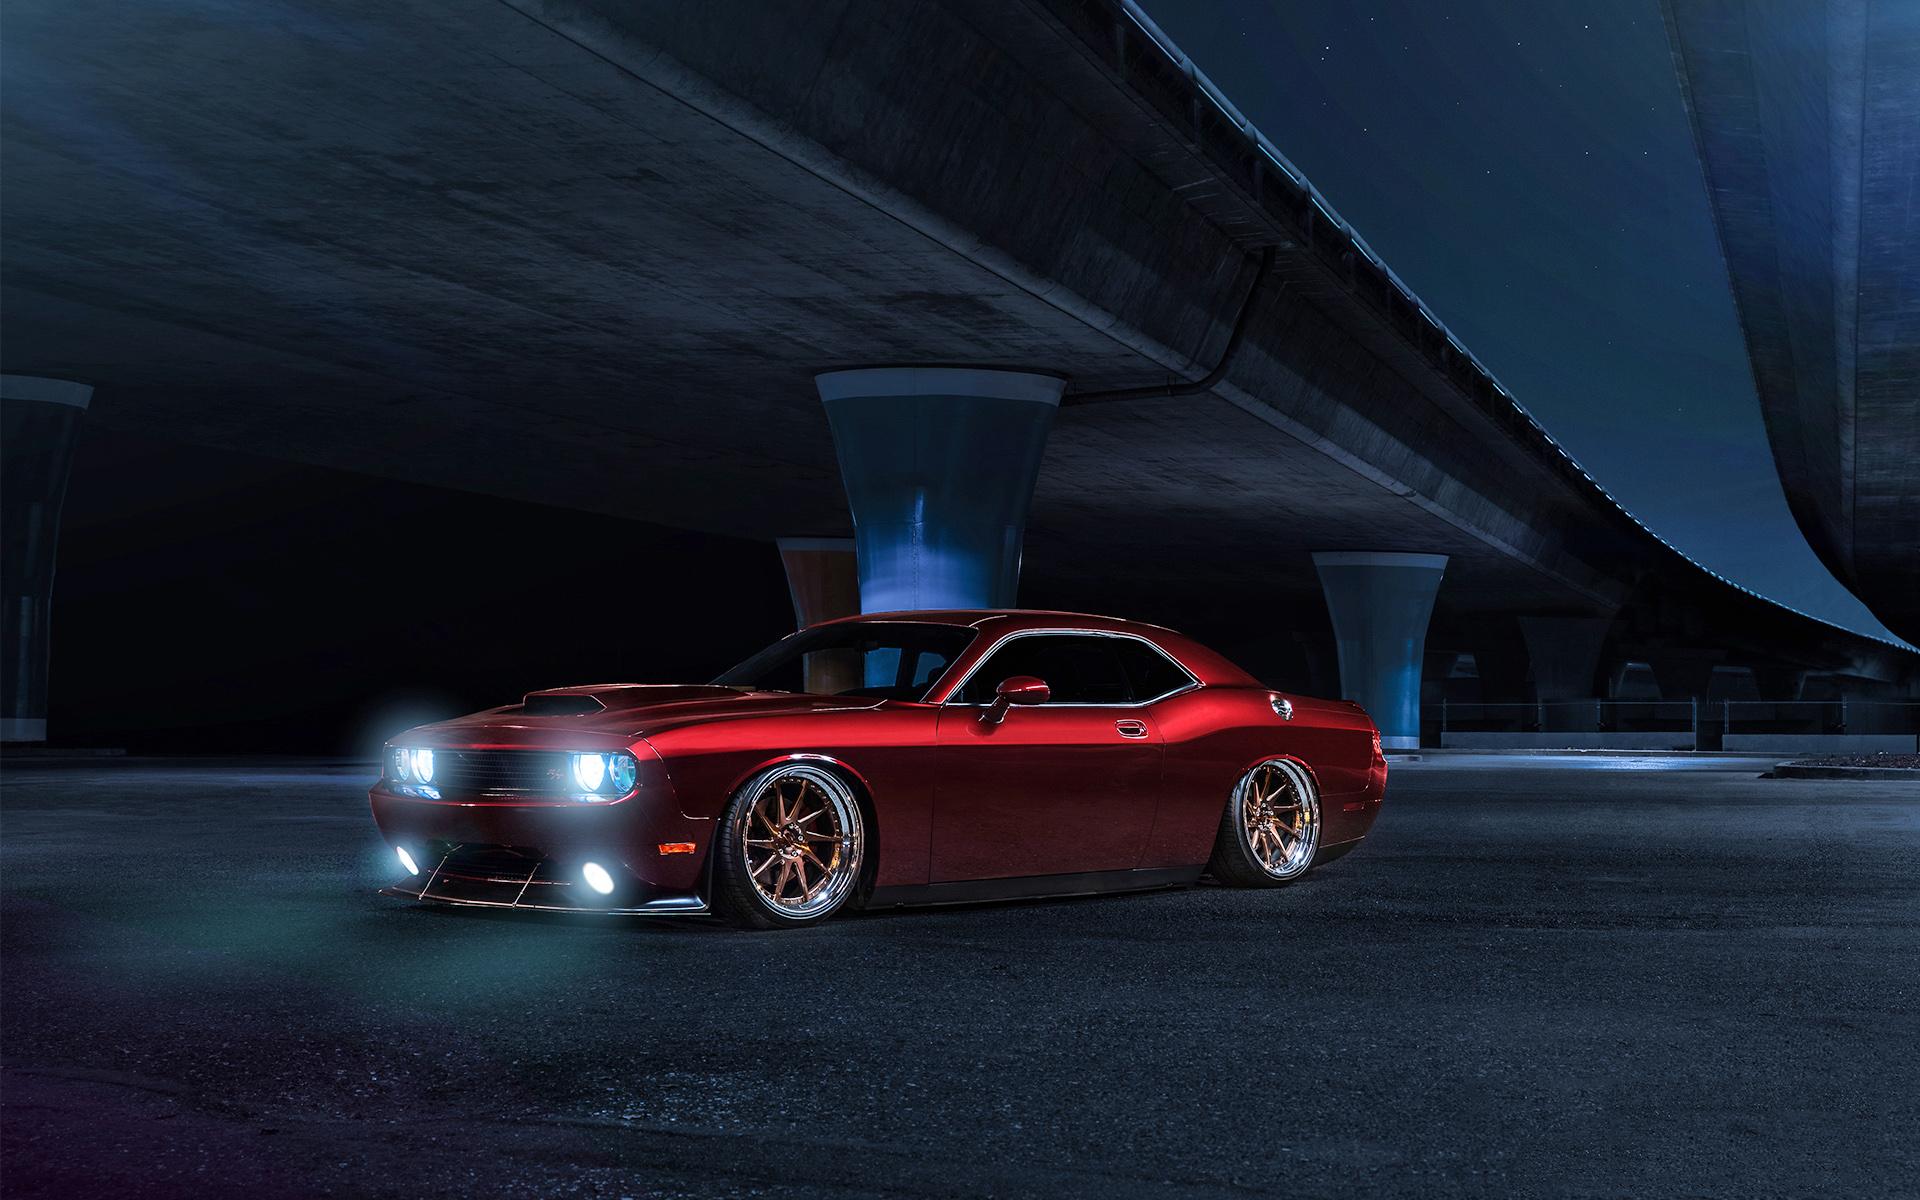 Dodge Challenger Srt Hellcat Wallpaper Hd All New Car Release Date